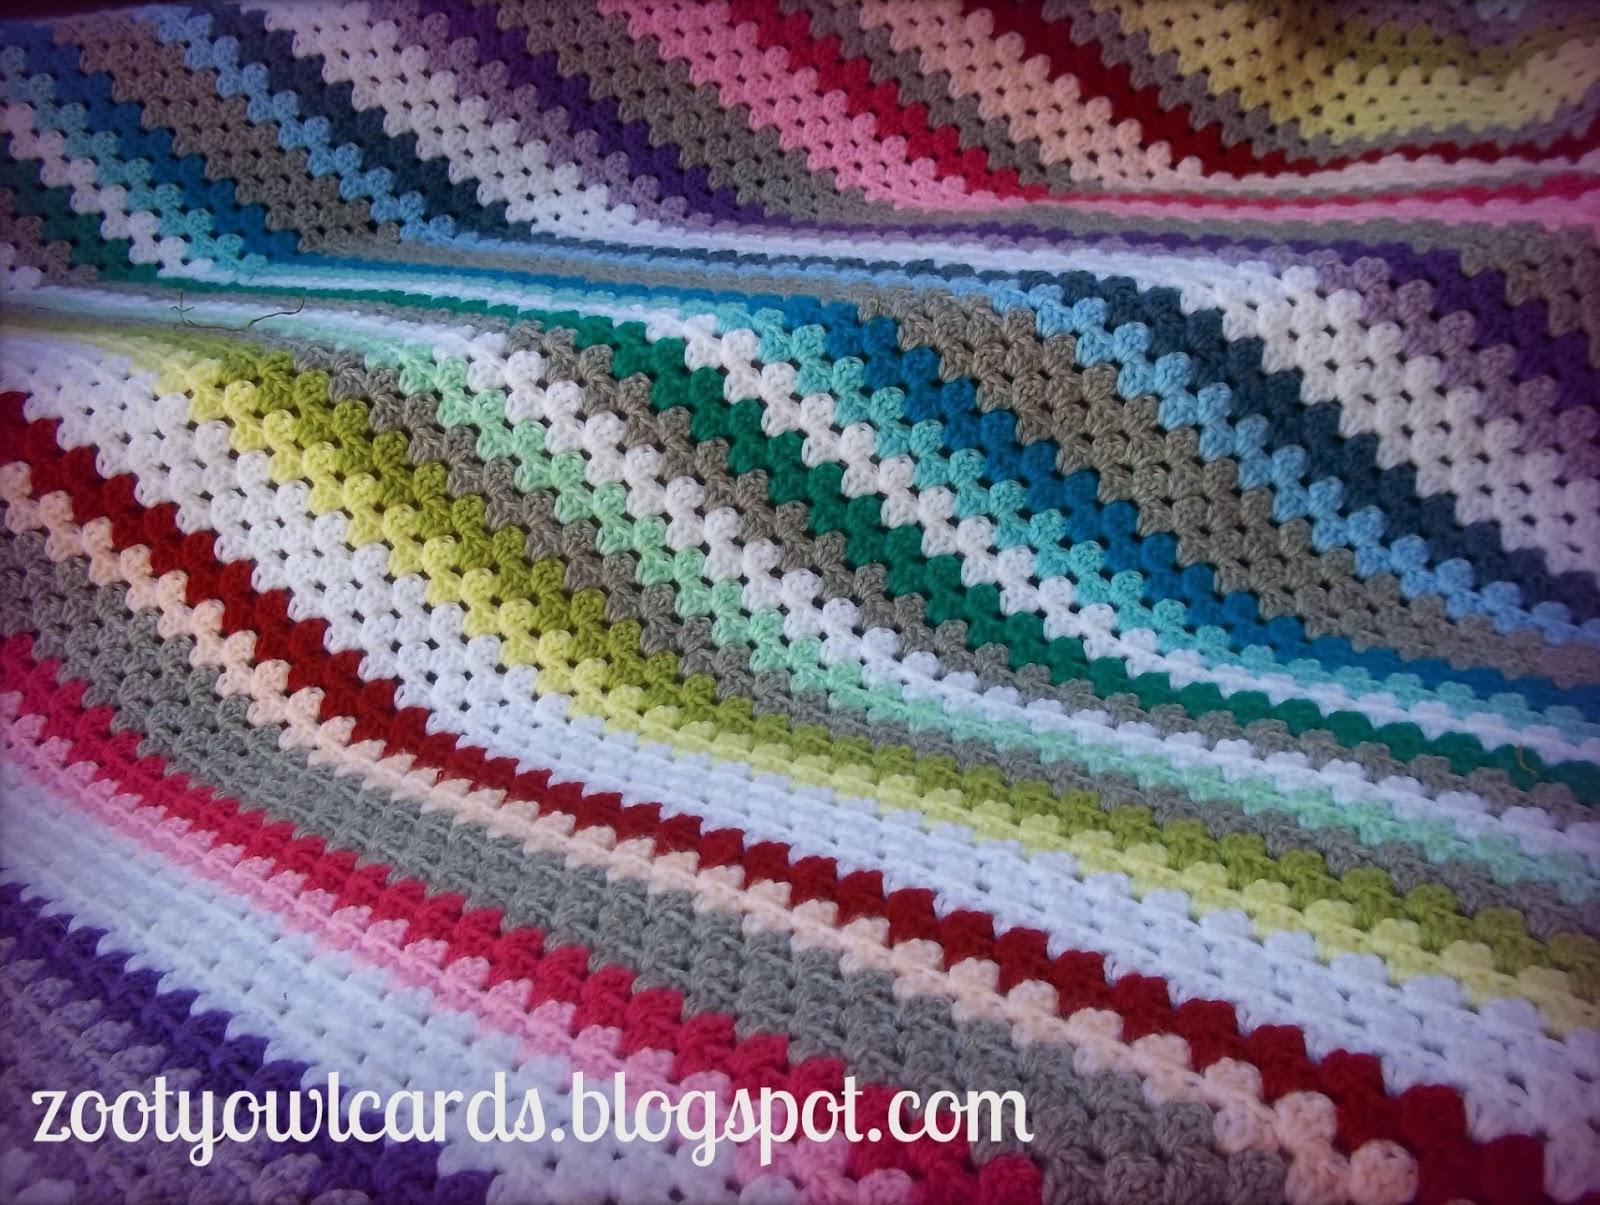 Zooty Owls Crafty Blog Rainbow Candy Diagonal Granny Stripe